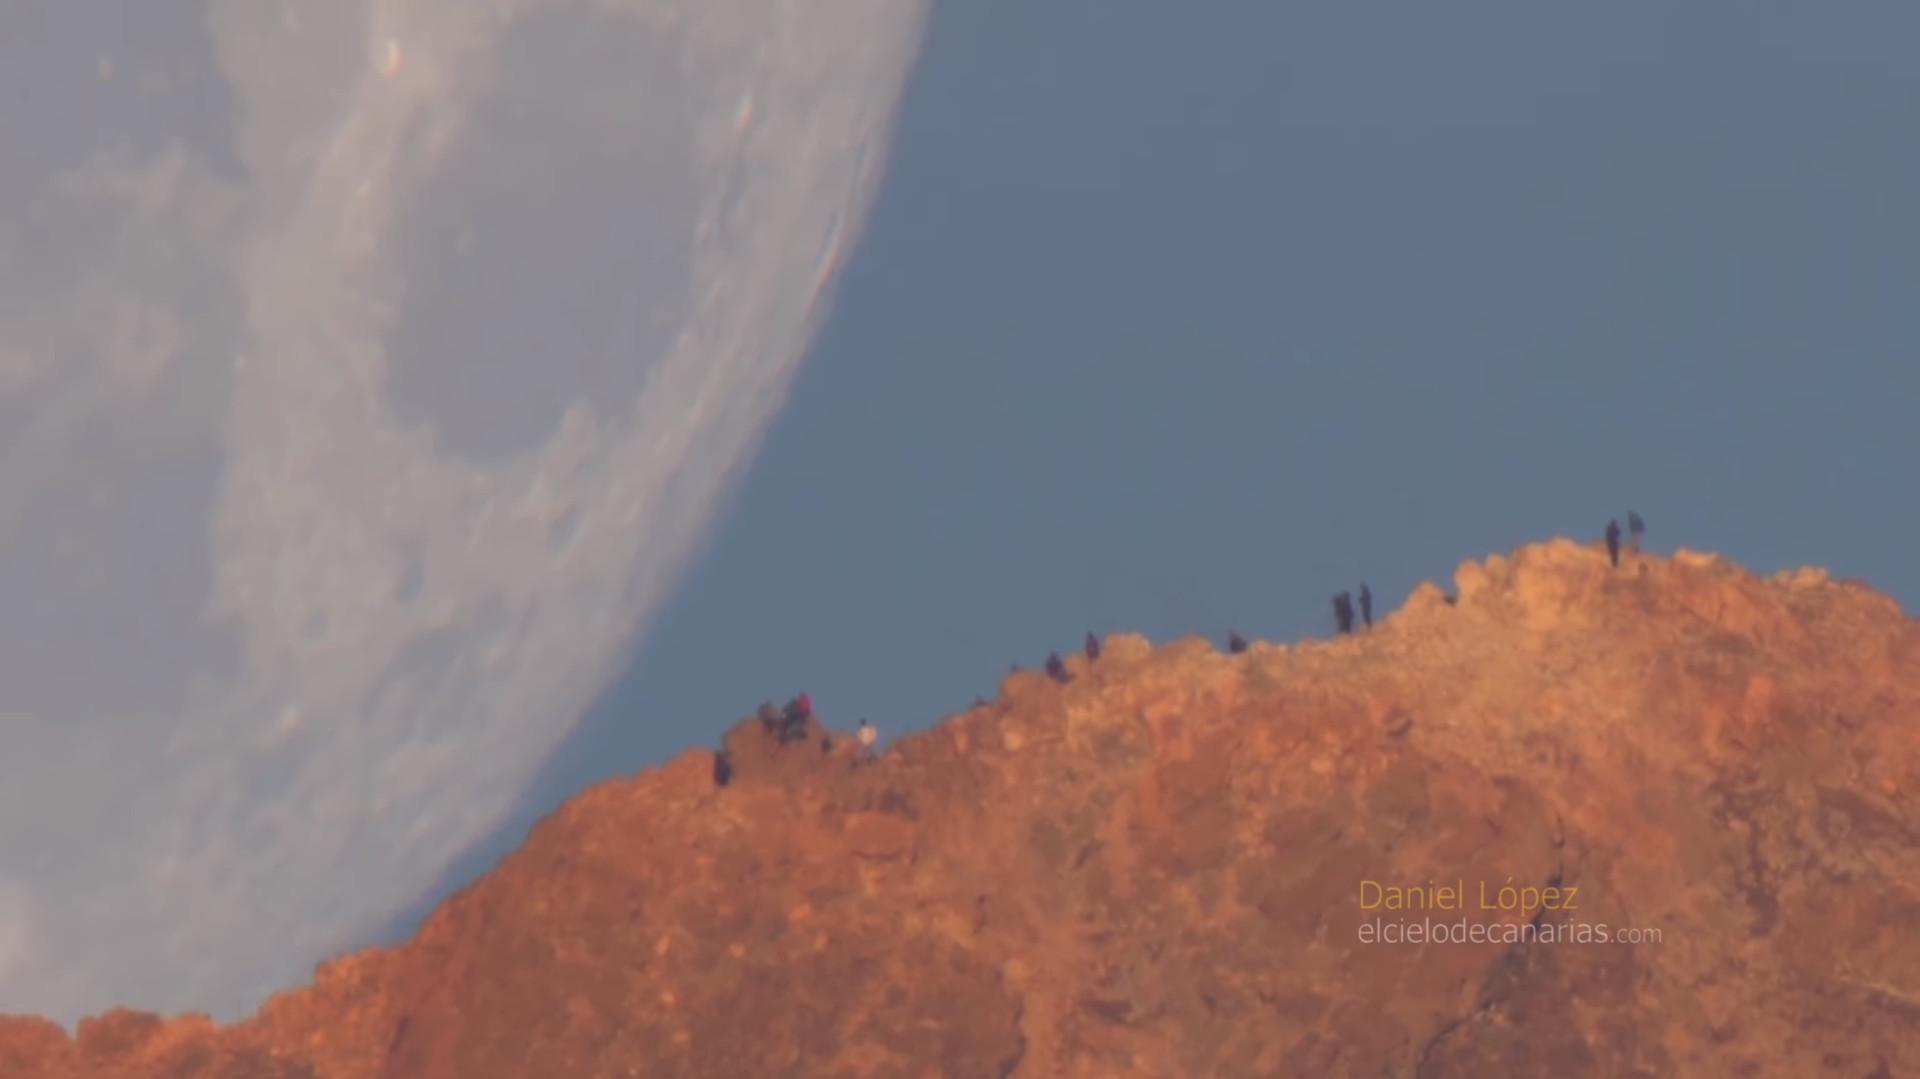 Fotógrafo captou imagens hipnotizantes da Lua. Veja o vídeo